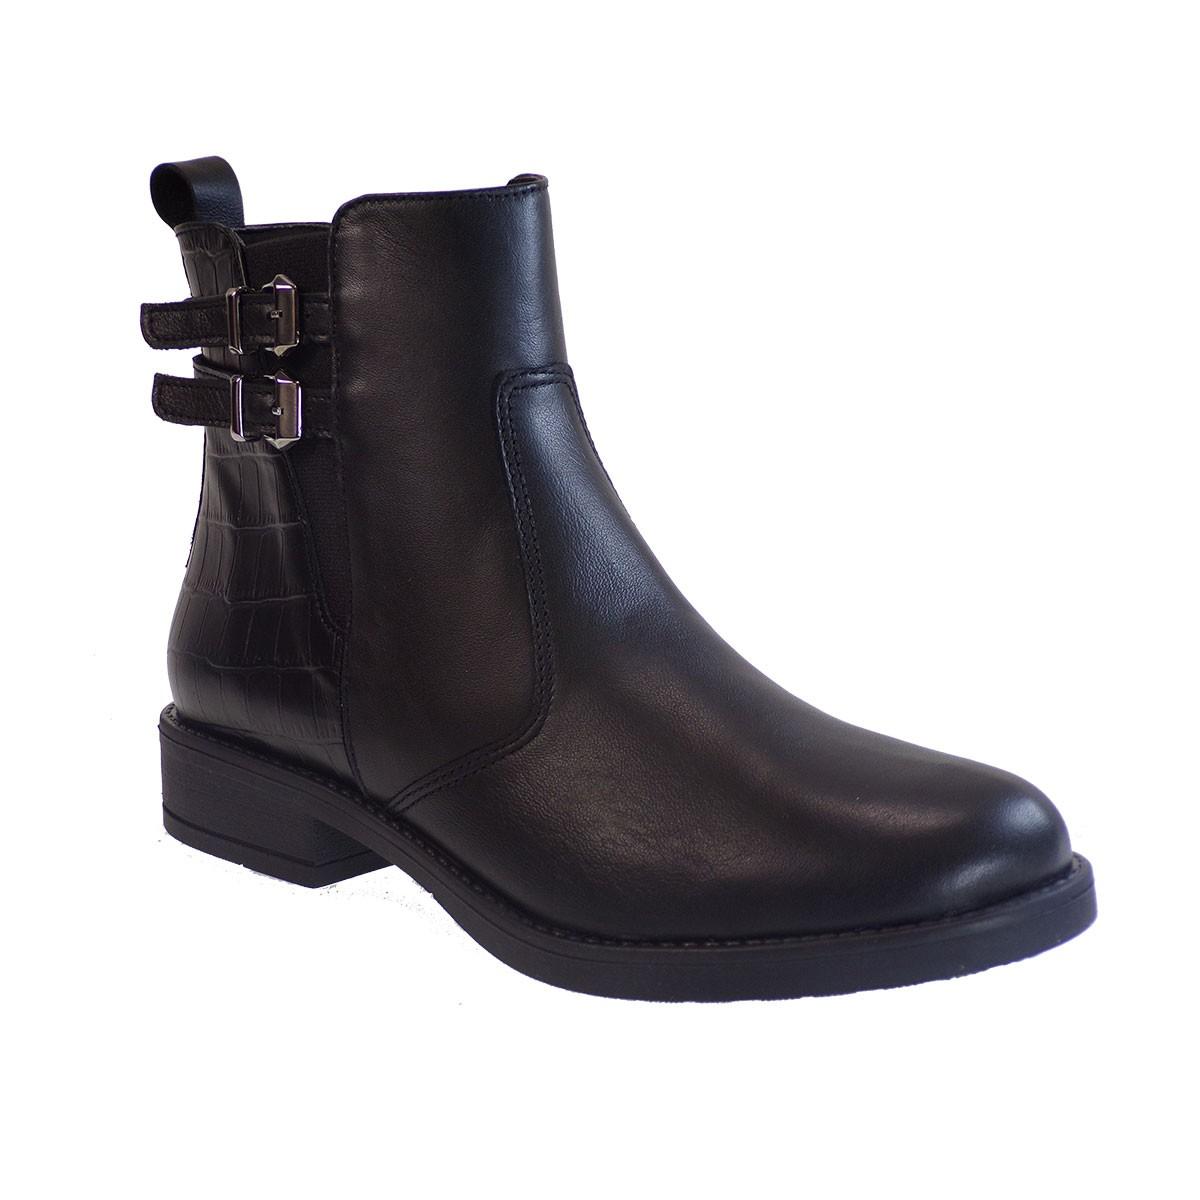 Fardoulis Shoes Γυναικεία Παπούτσια Αρβυλάκια 143 Μαύρο Δέρμα